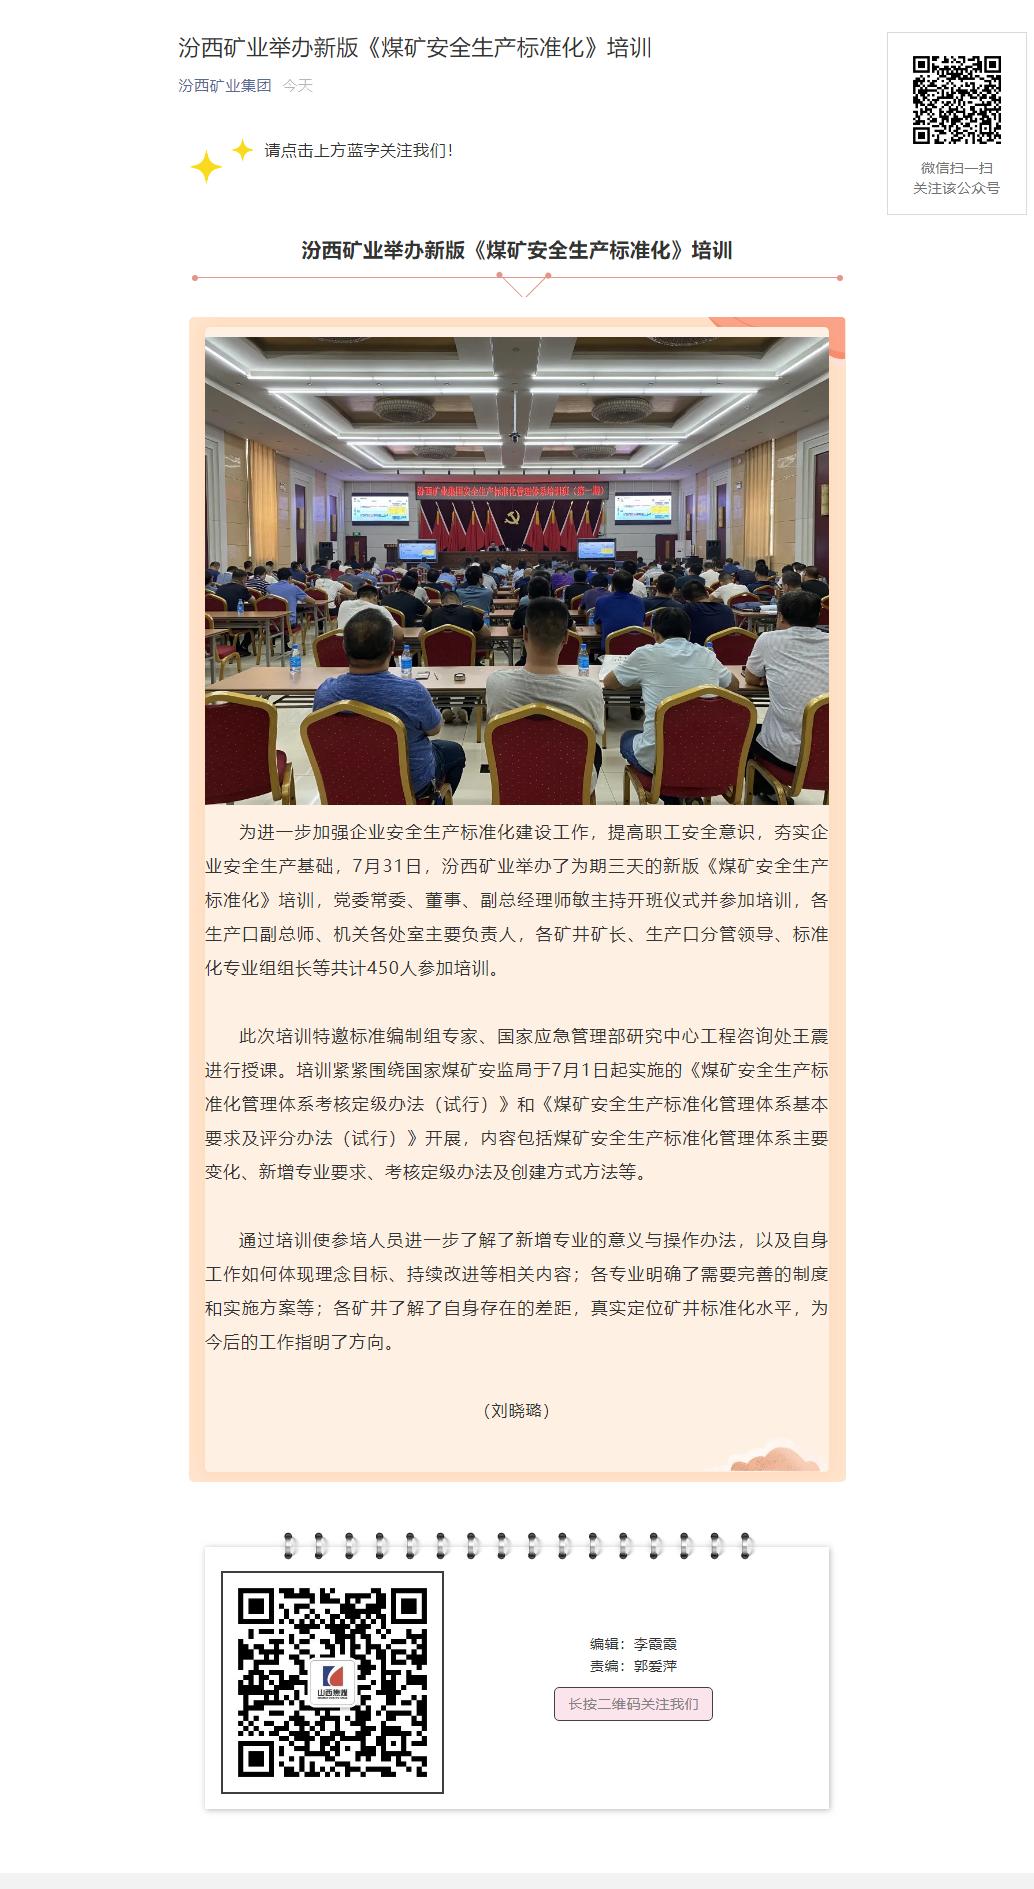 汾西矿业举办新版《煤矿安全生产标准化》培训.png